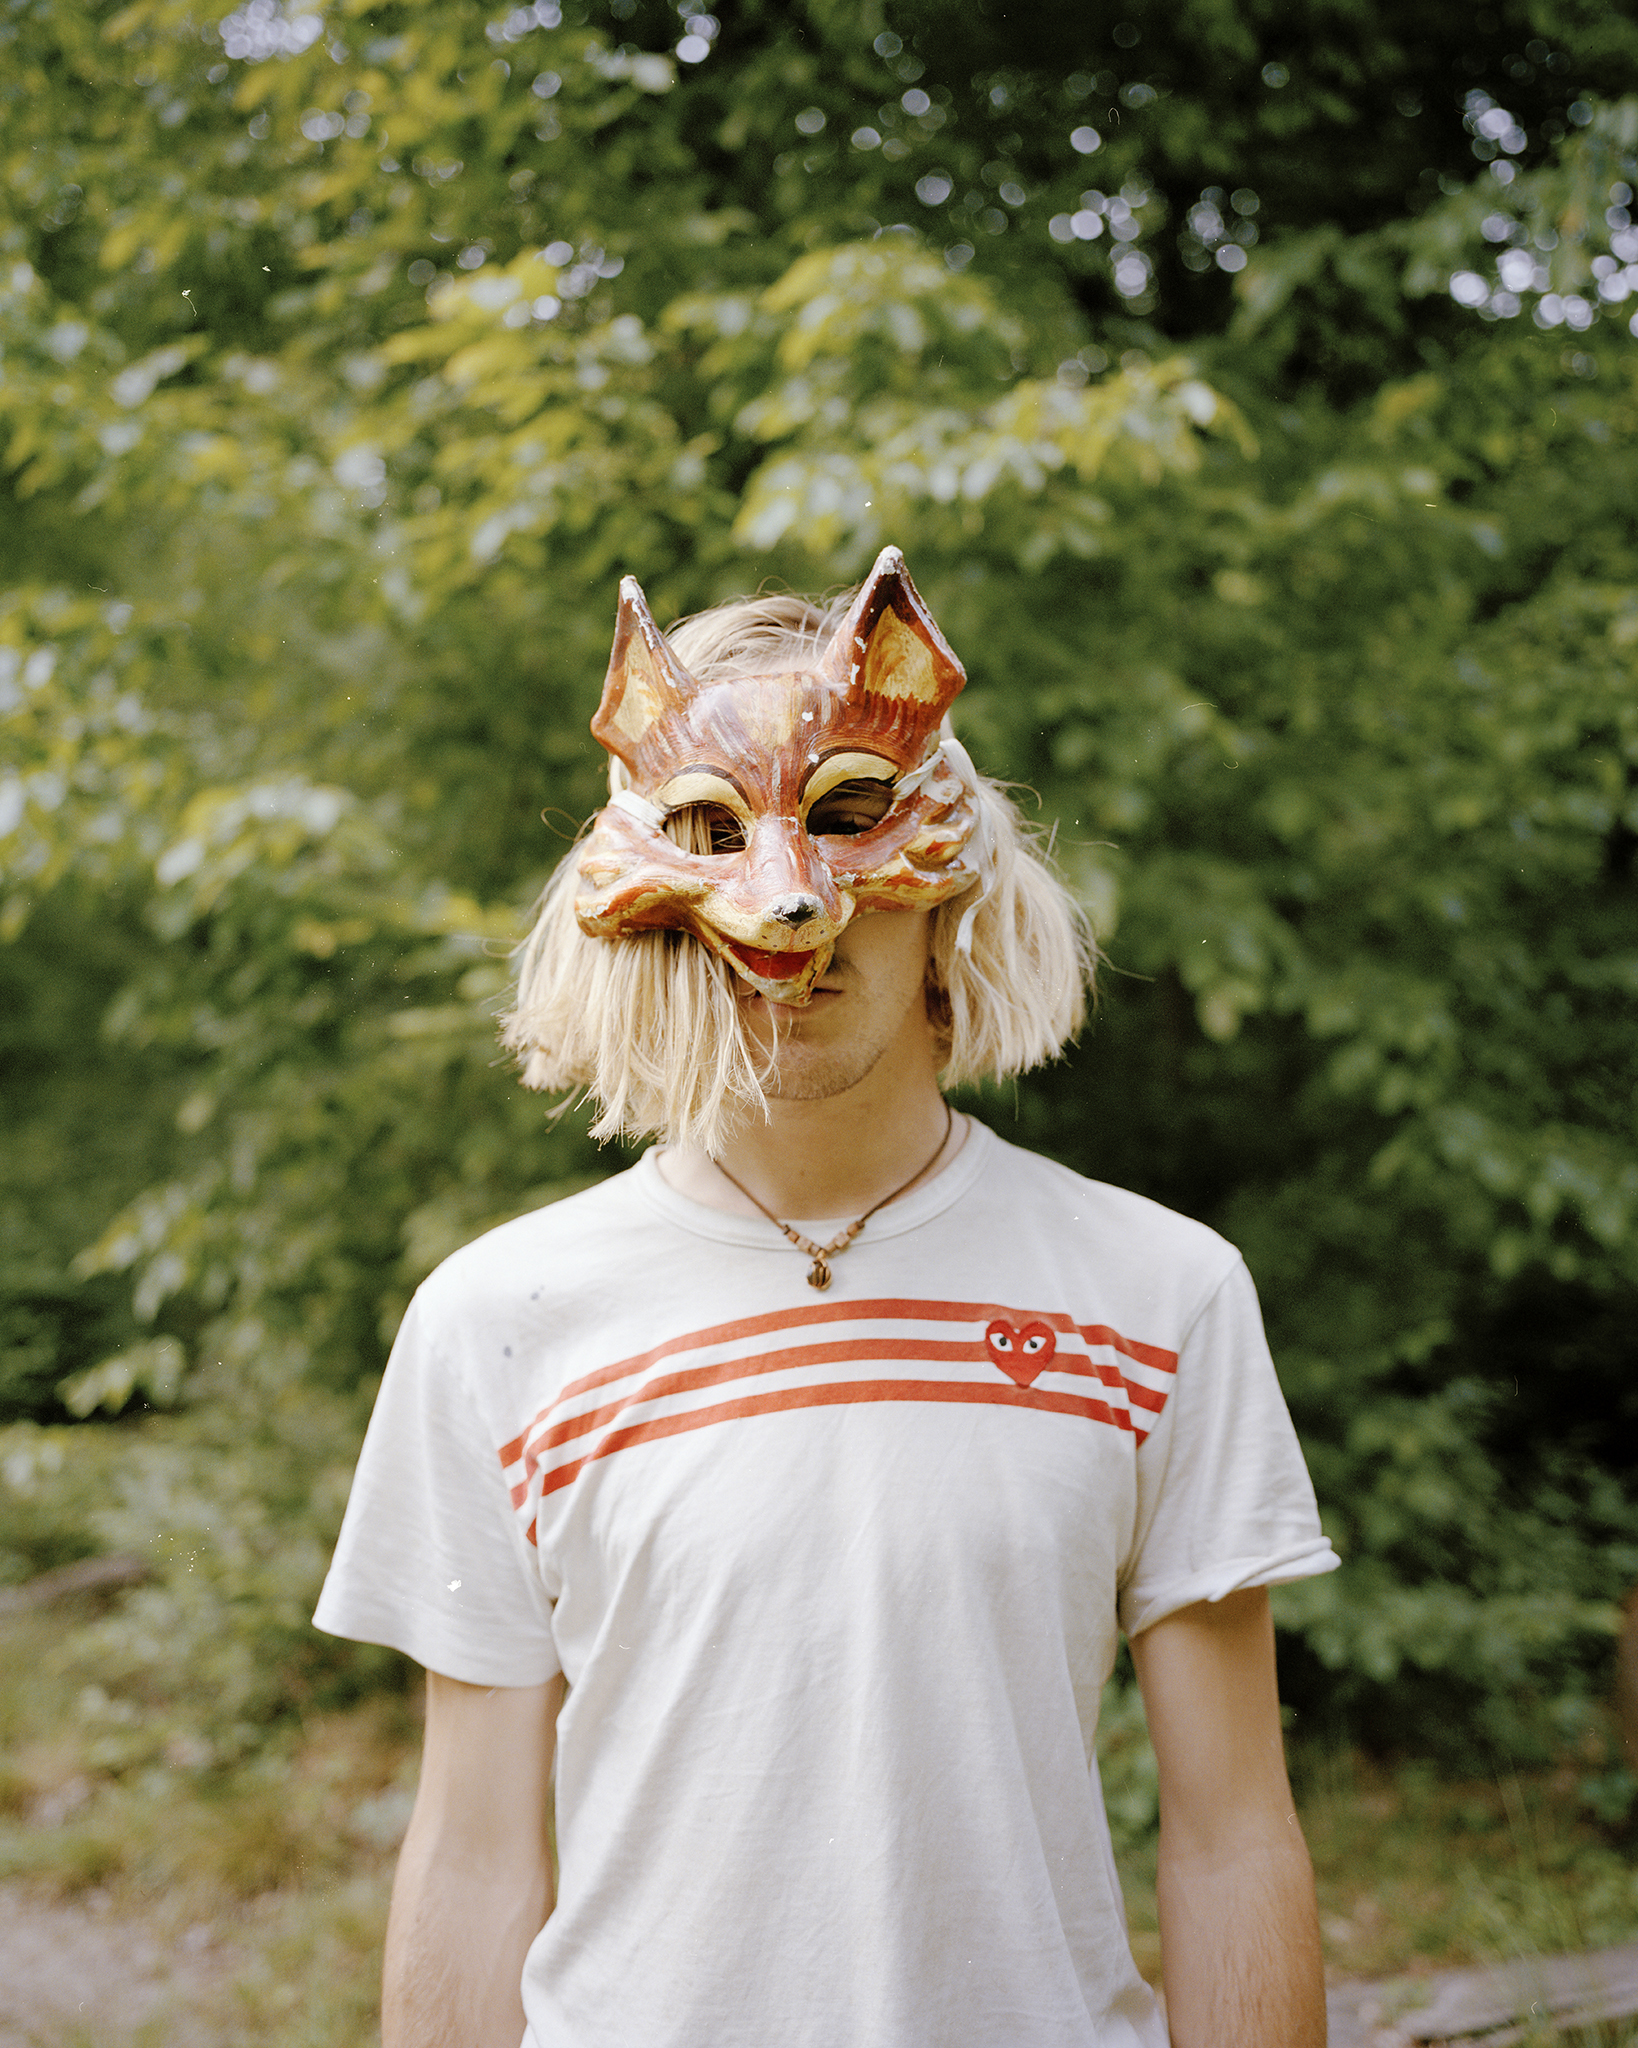 - Många av aktivisterna vill vara anonyma och är därför maskerade.